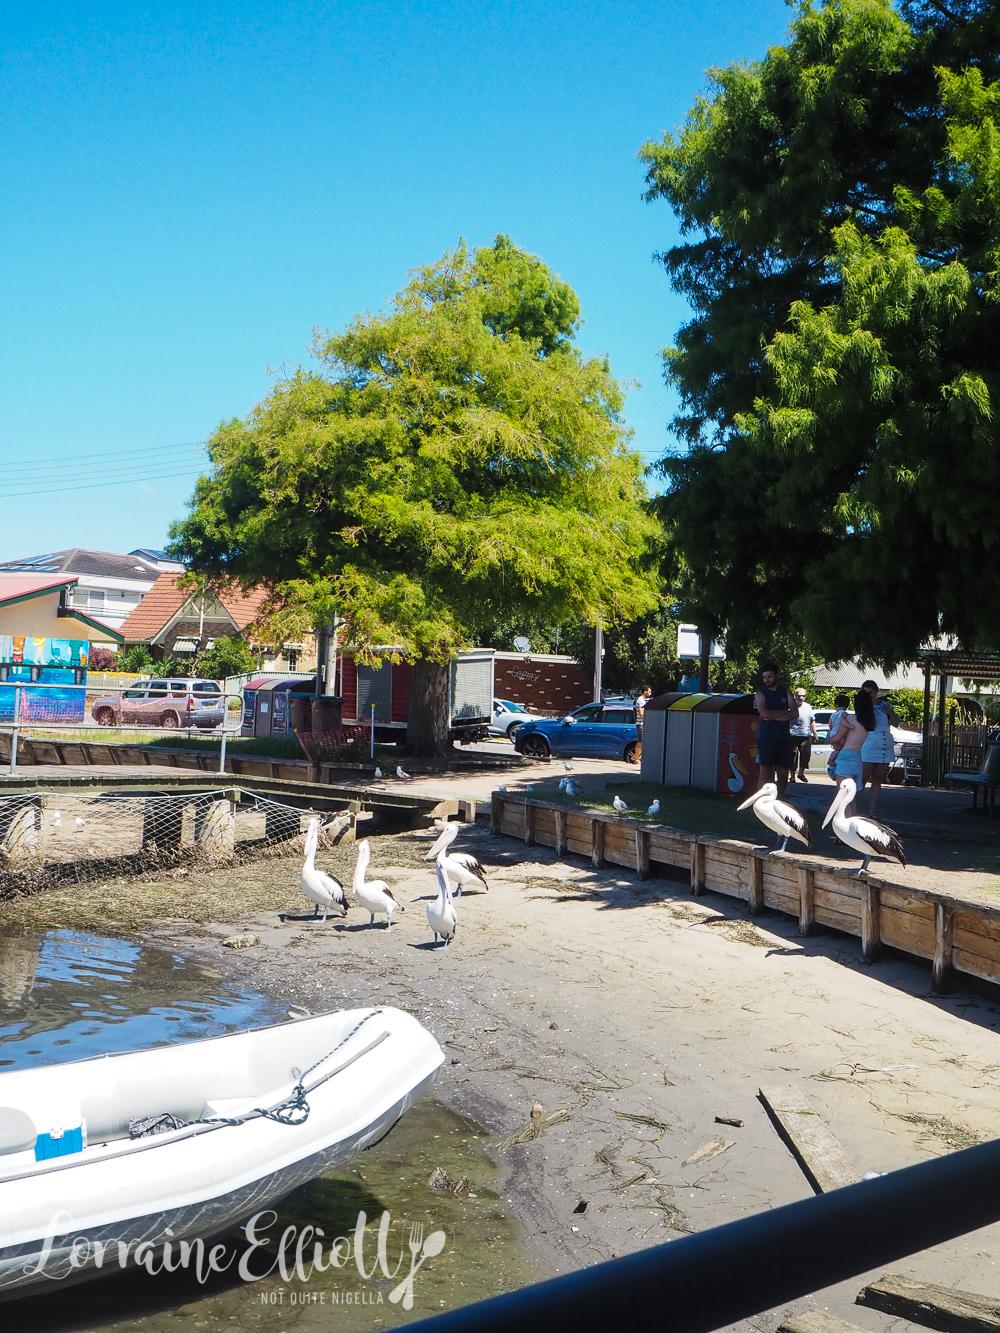 Woy Woy Fishermen's Wharf